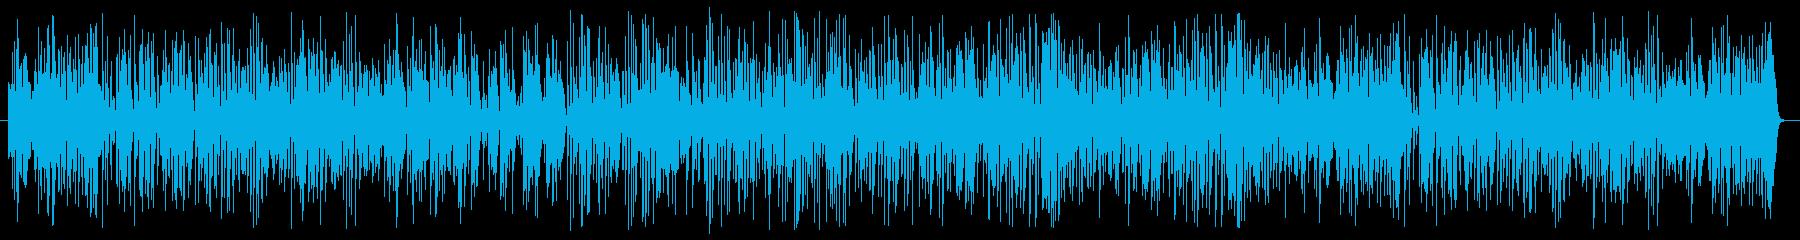 ラグタイムピアノスタイル。ピアノソ...の再生済みの波形